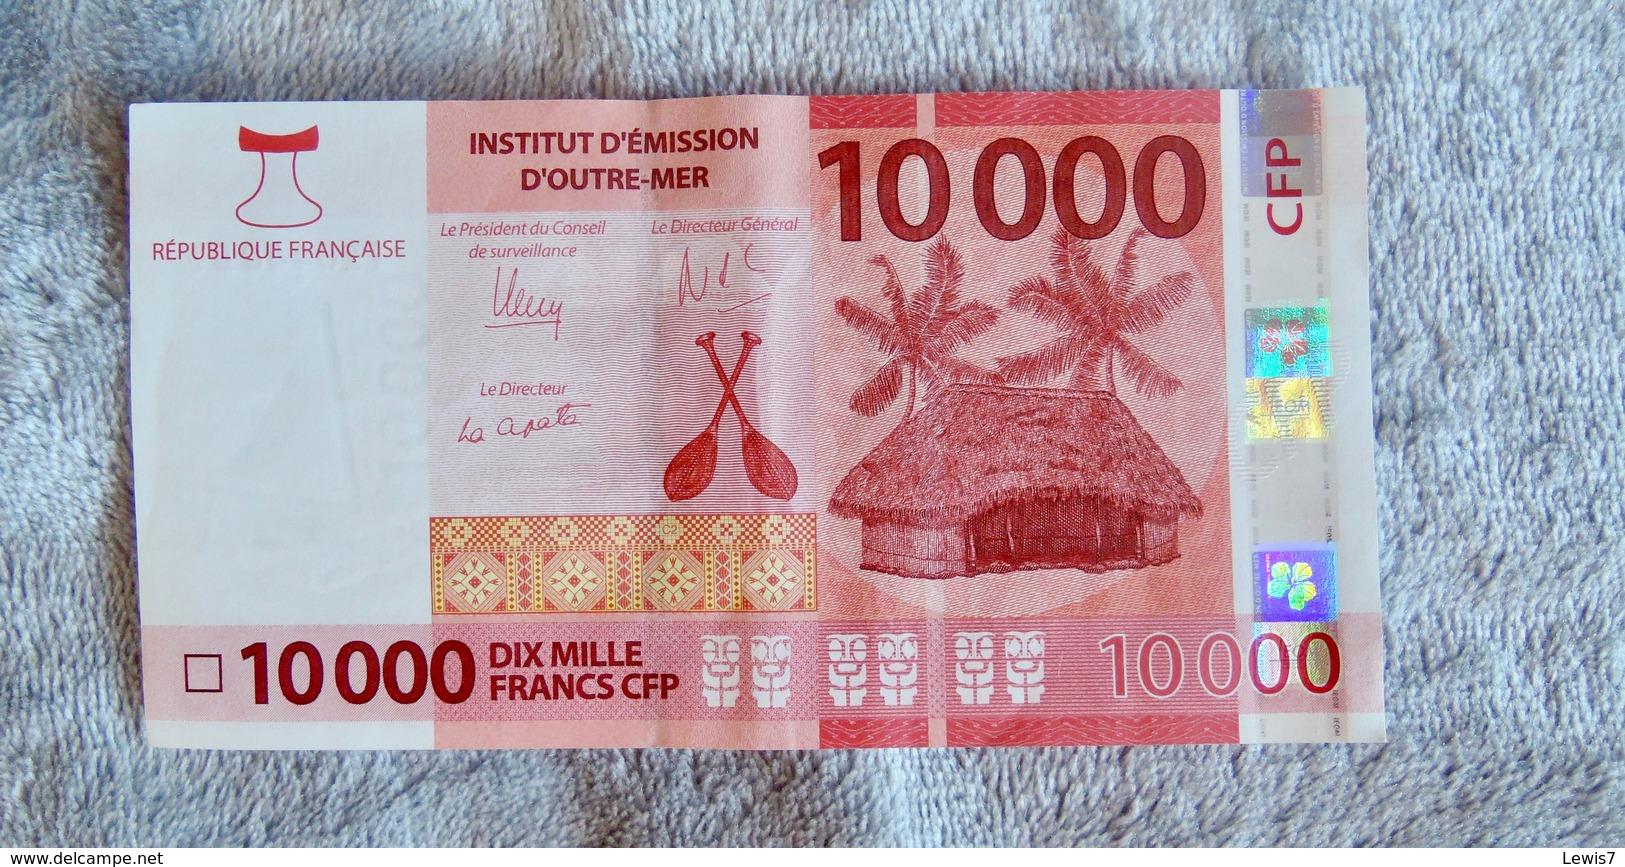 Polynesian Banknote 10 000 Pacific Francs XPF - Banknotes